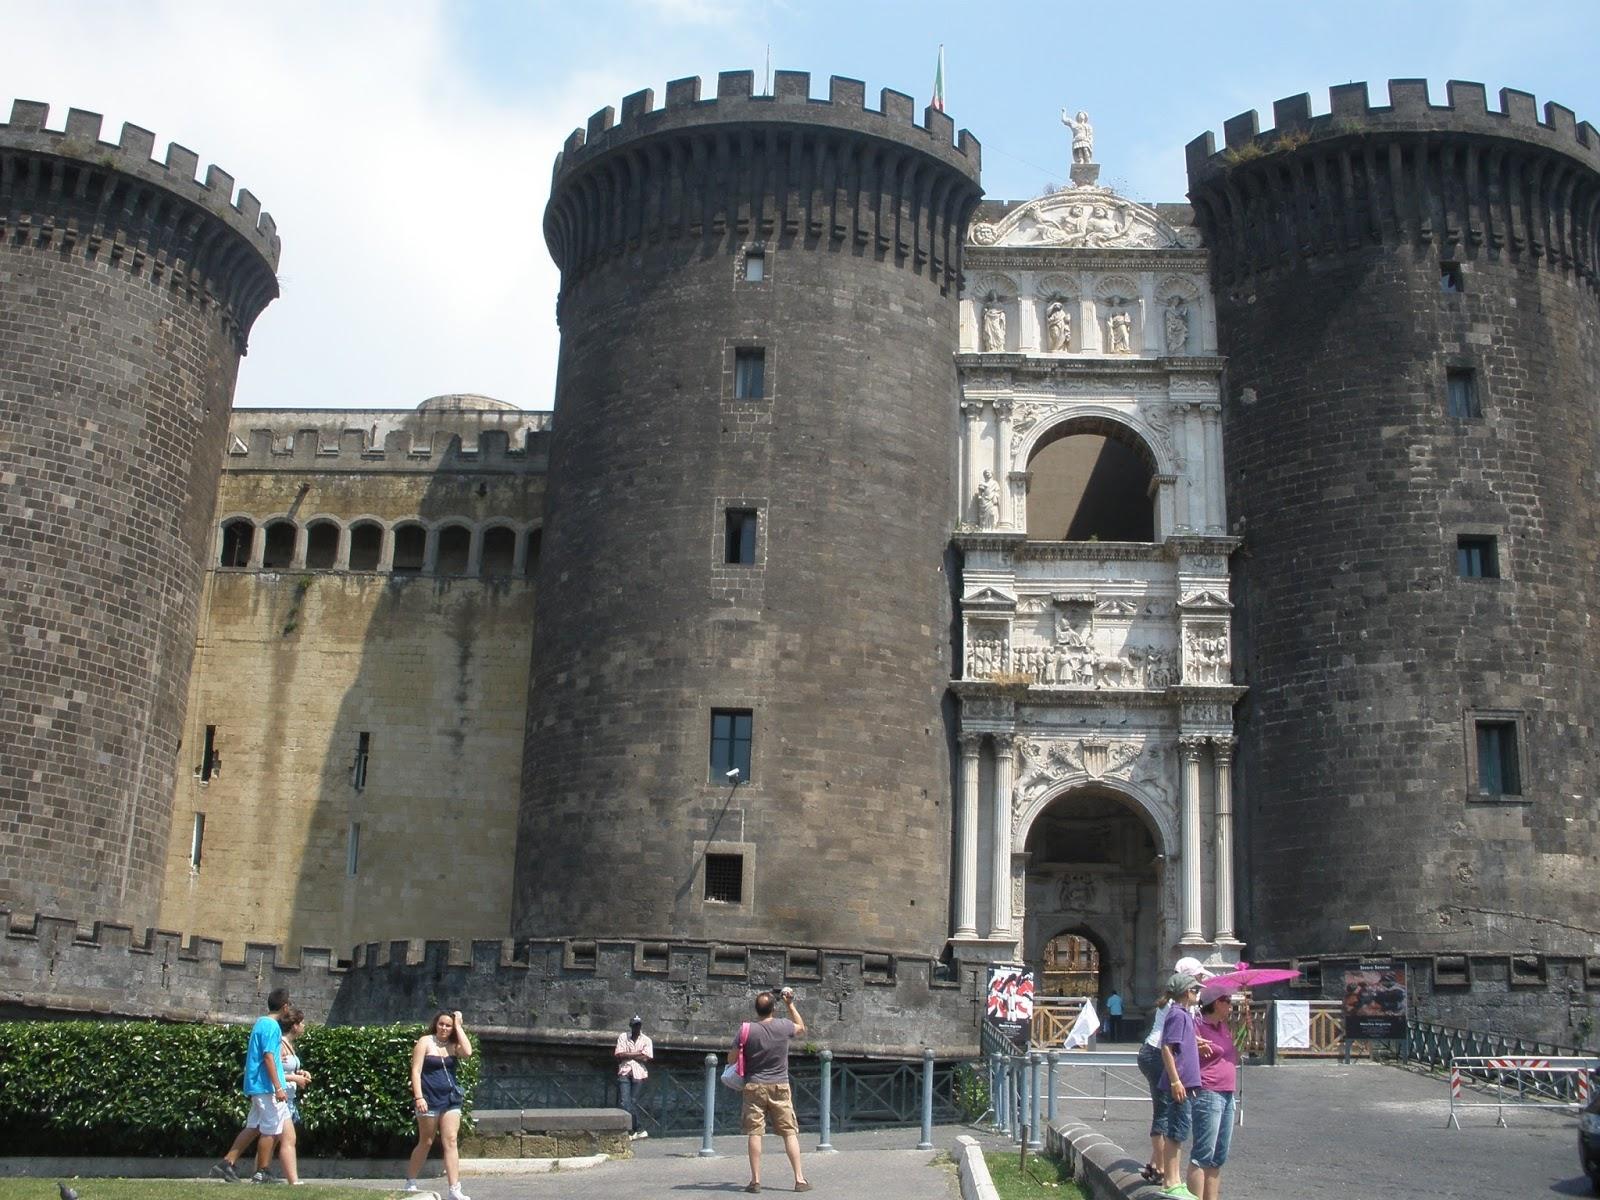 Castillo de Maschio Angionio, también conocido como Castillo Nuevo, posee un arco triunfal en su fachada.